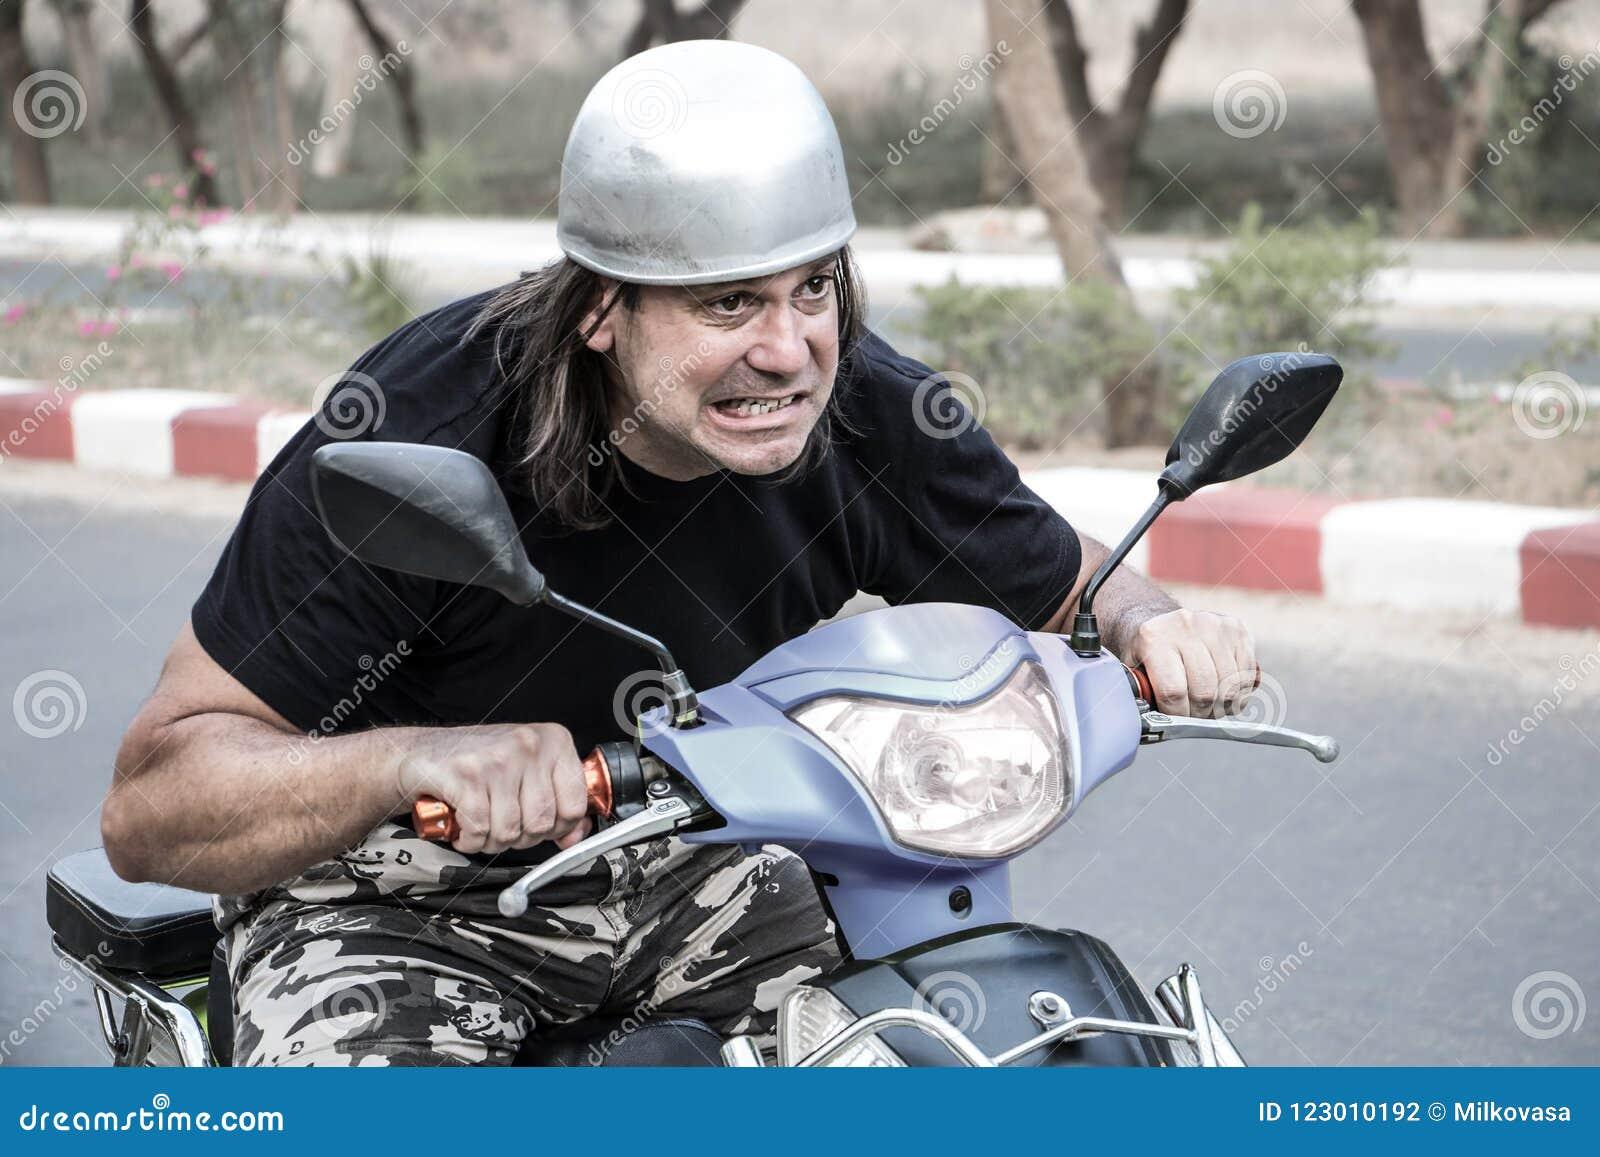 Riding a mans face